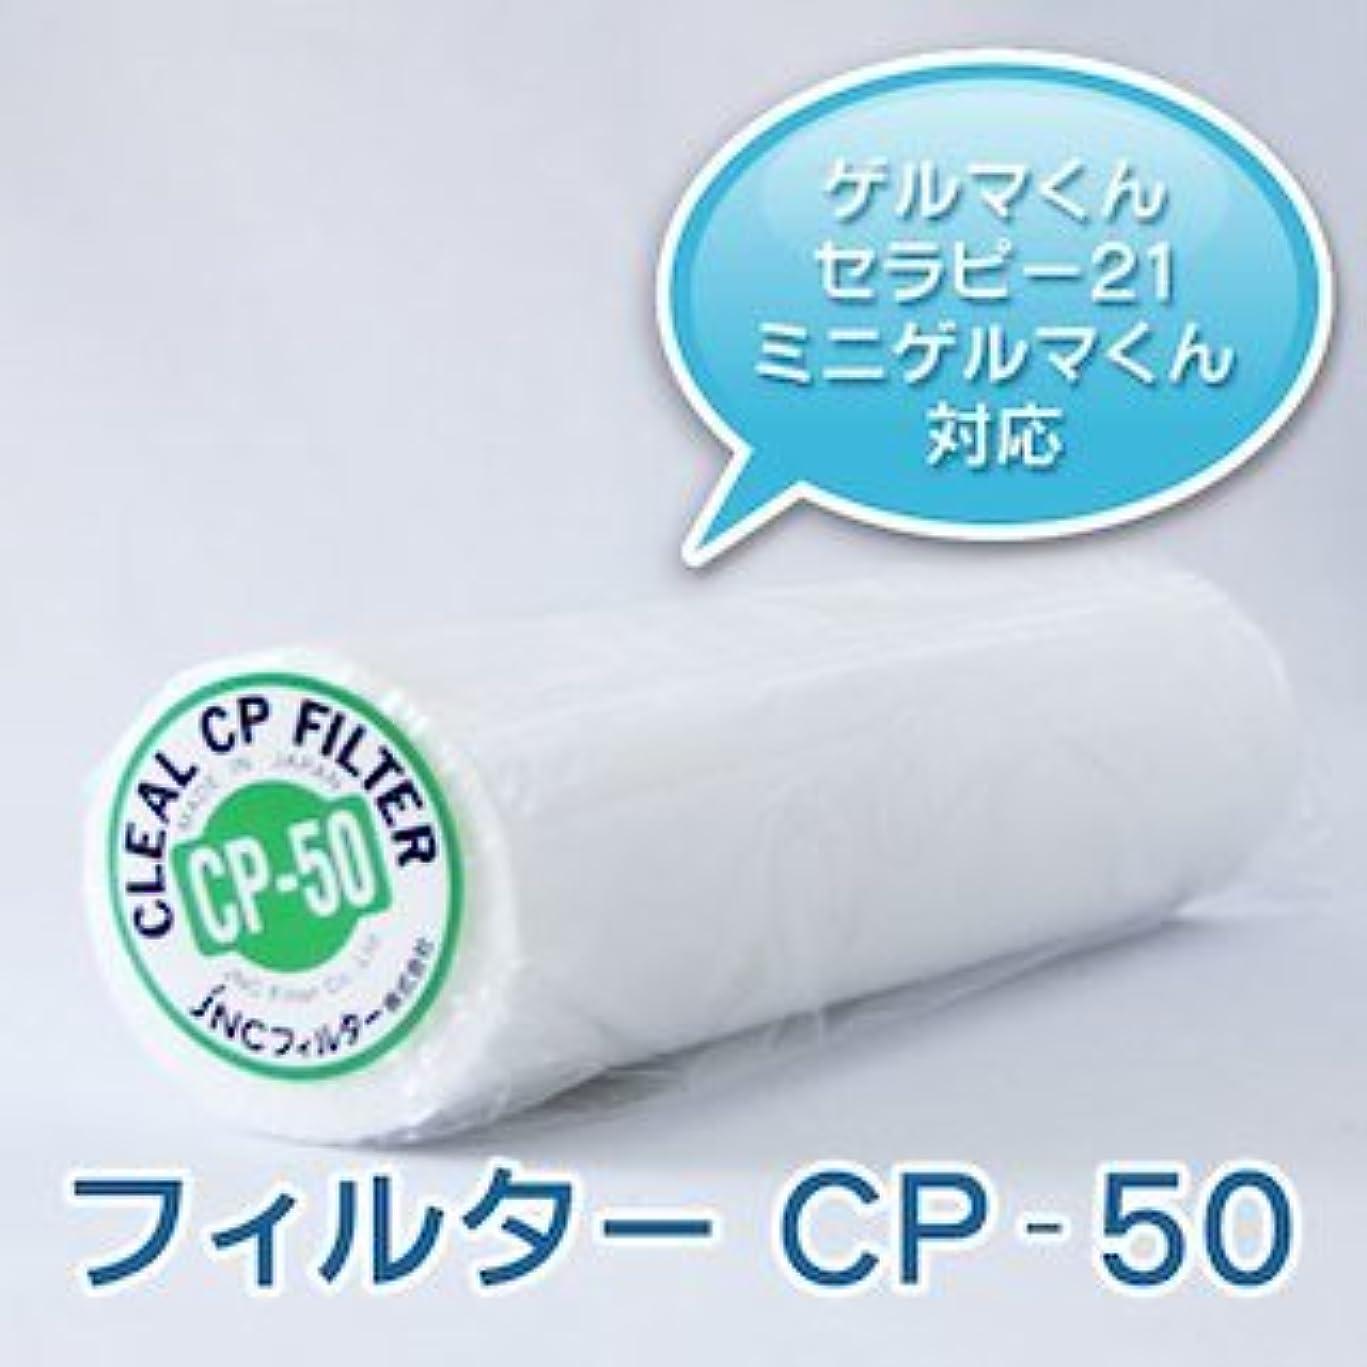 半導体後方却下する【ゲルマ フィルター CP-50】 1本  ゲルマニウム 温浴器 ゲルマくん/セラピー21 対応